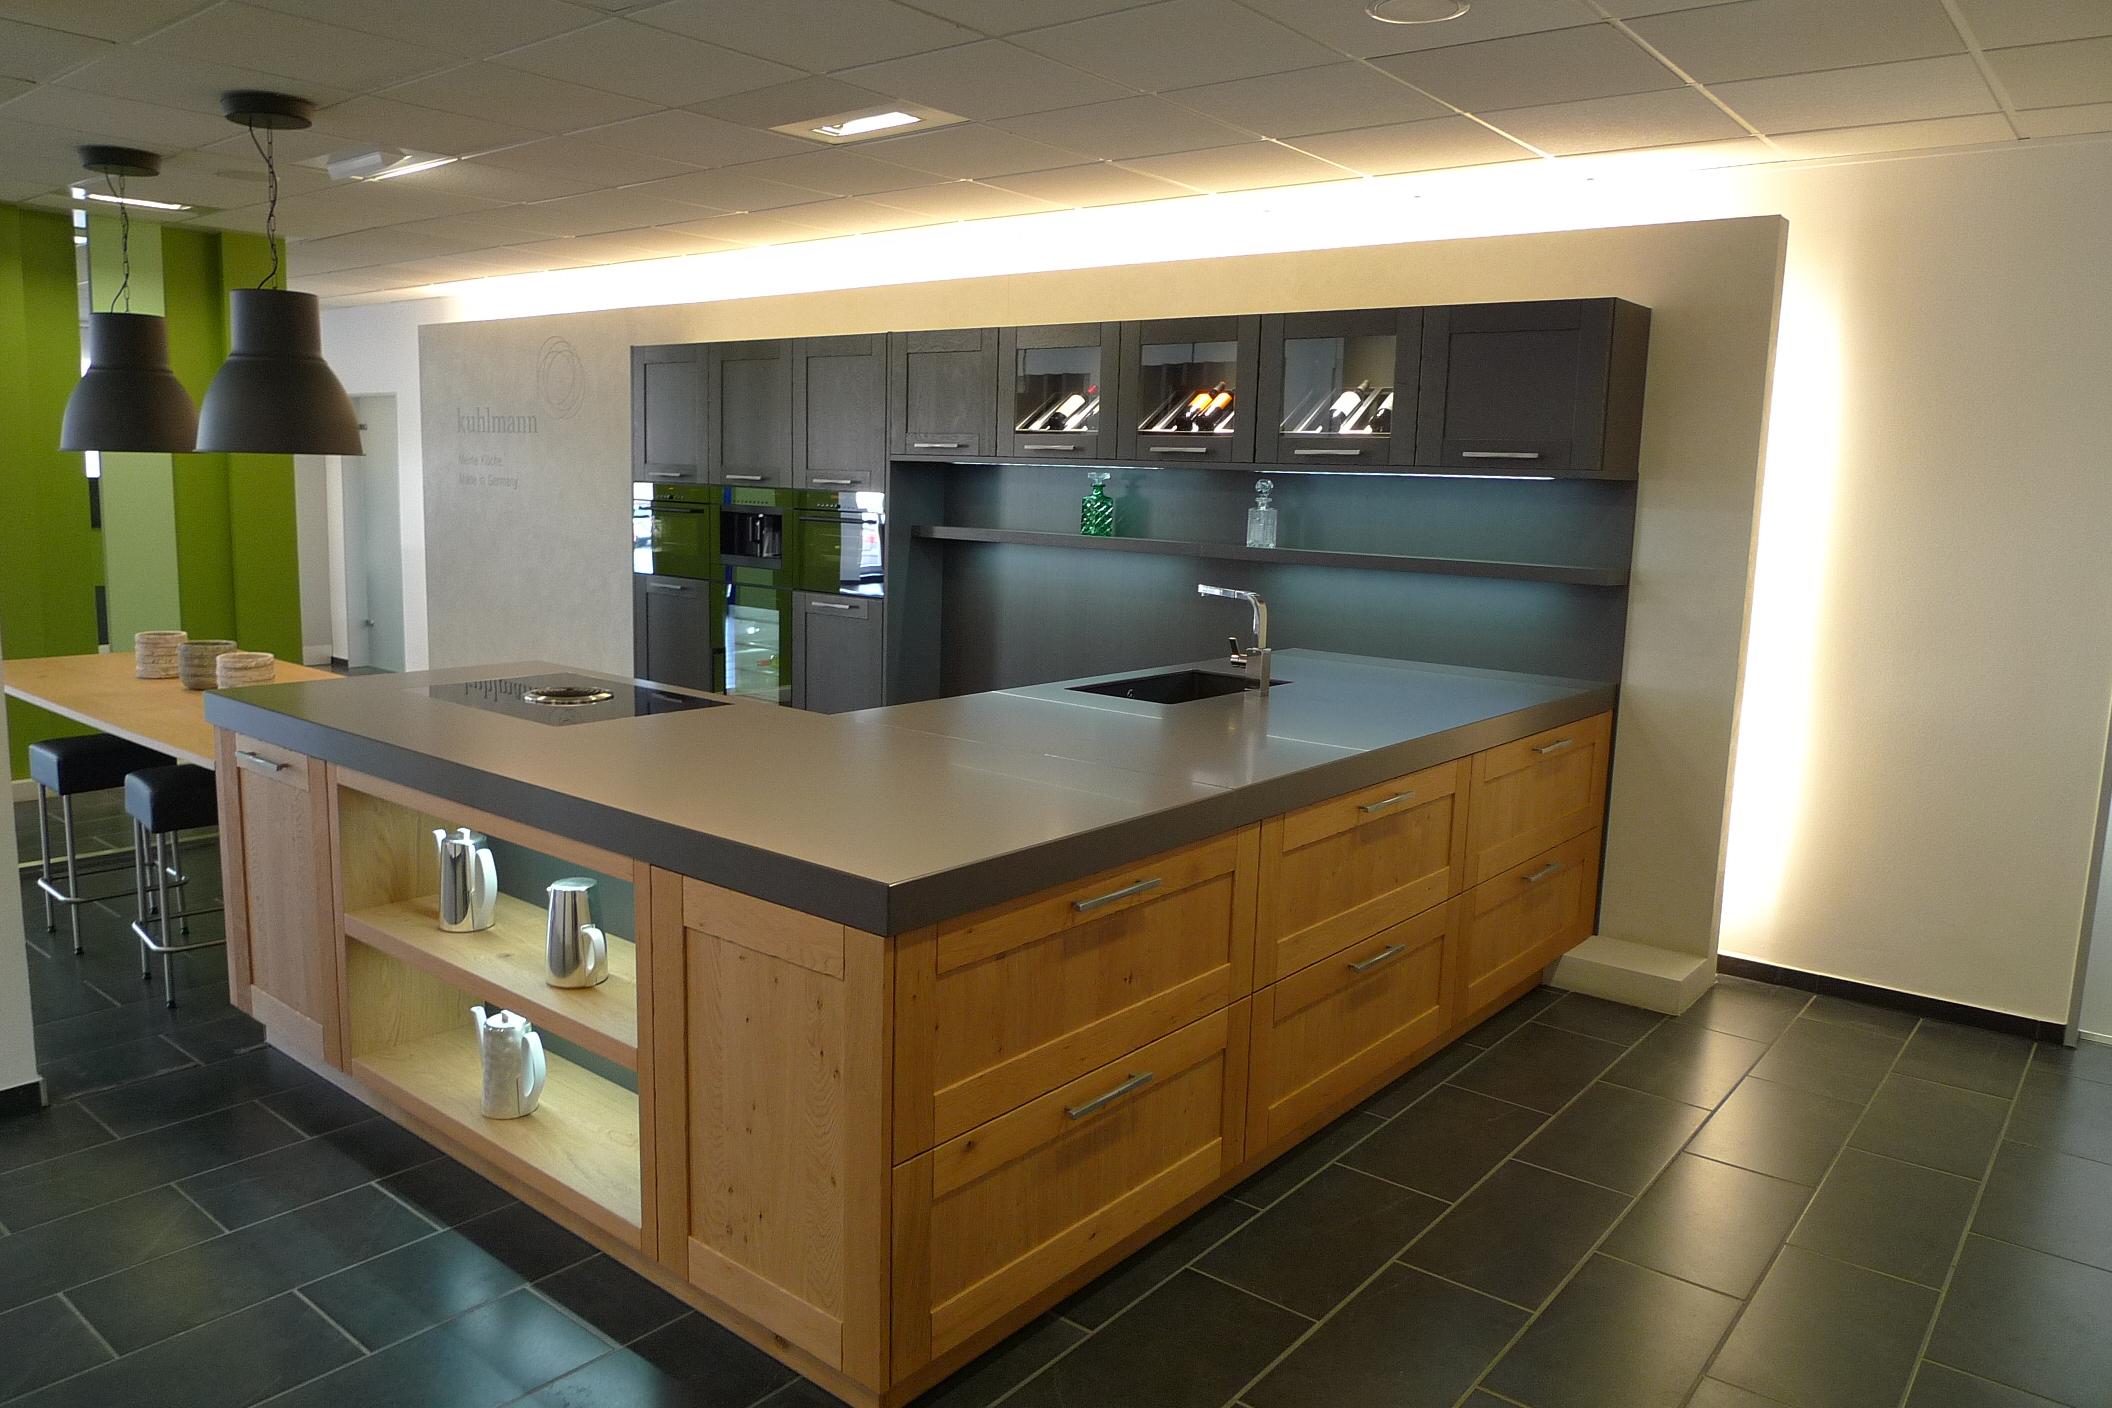 Keukens In Cottage Stijl : Project Studio Italiaanse design keukens Comprex